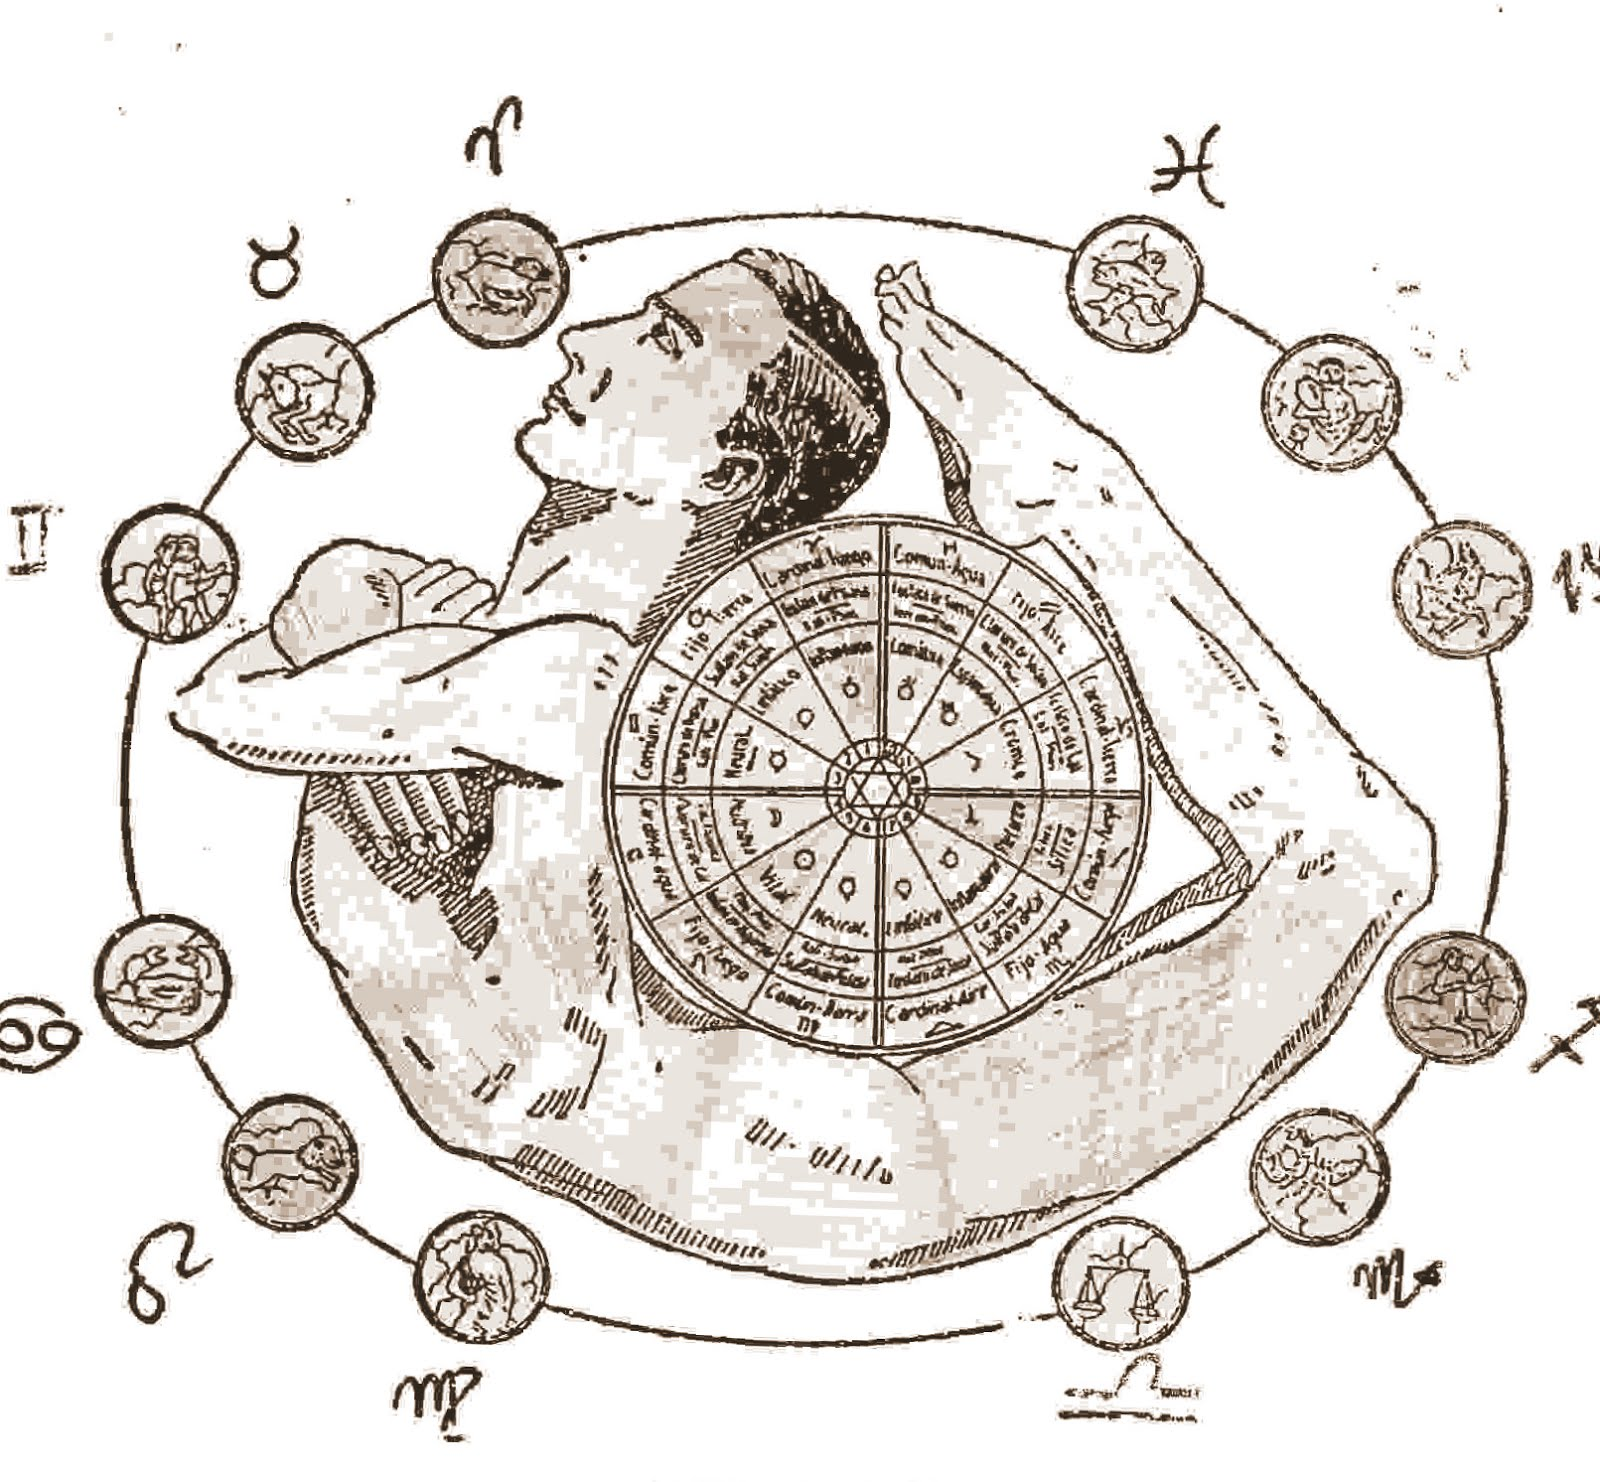 El Hombre Zodiacal y los 12 signos